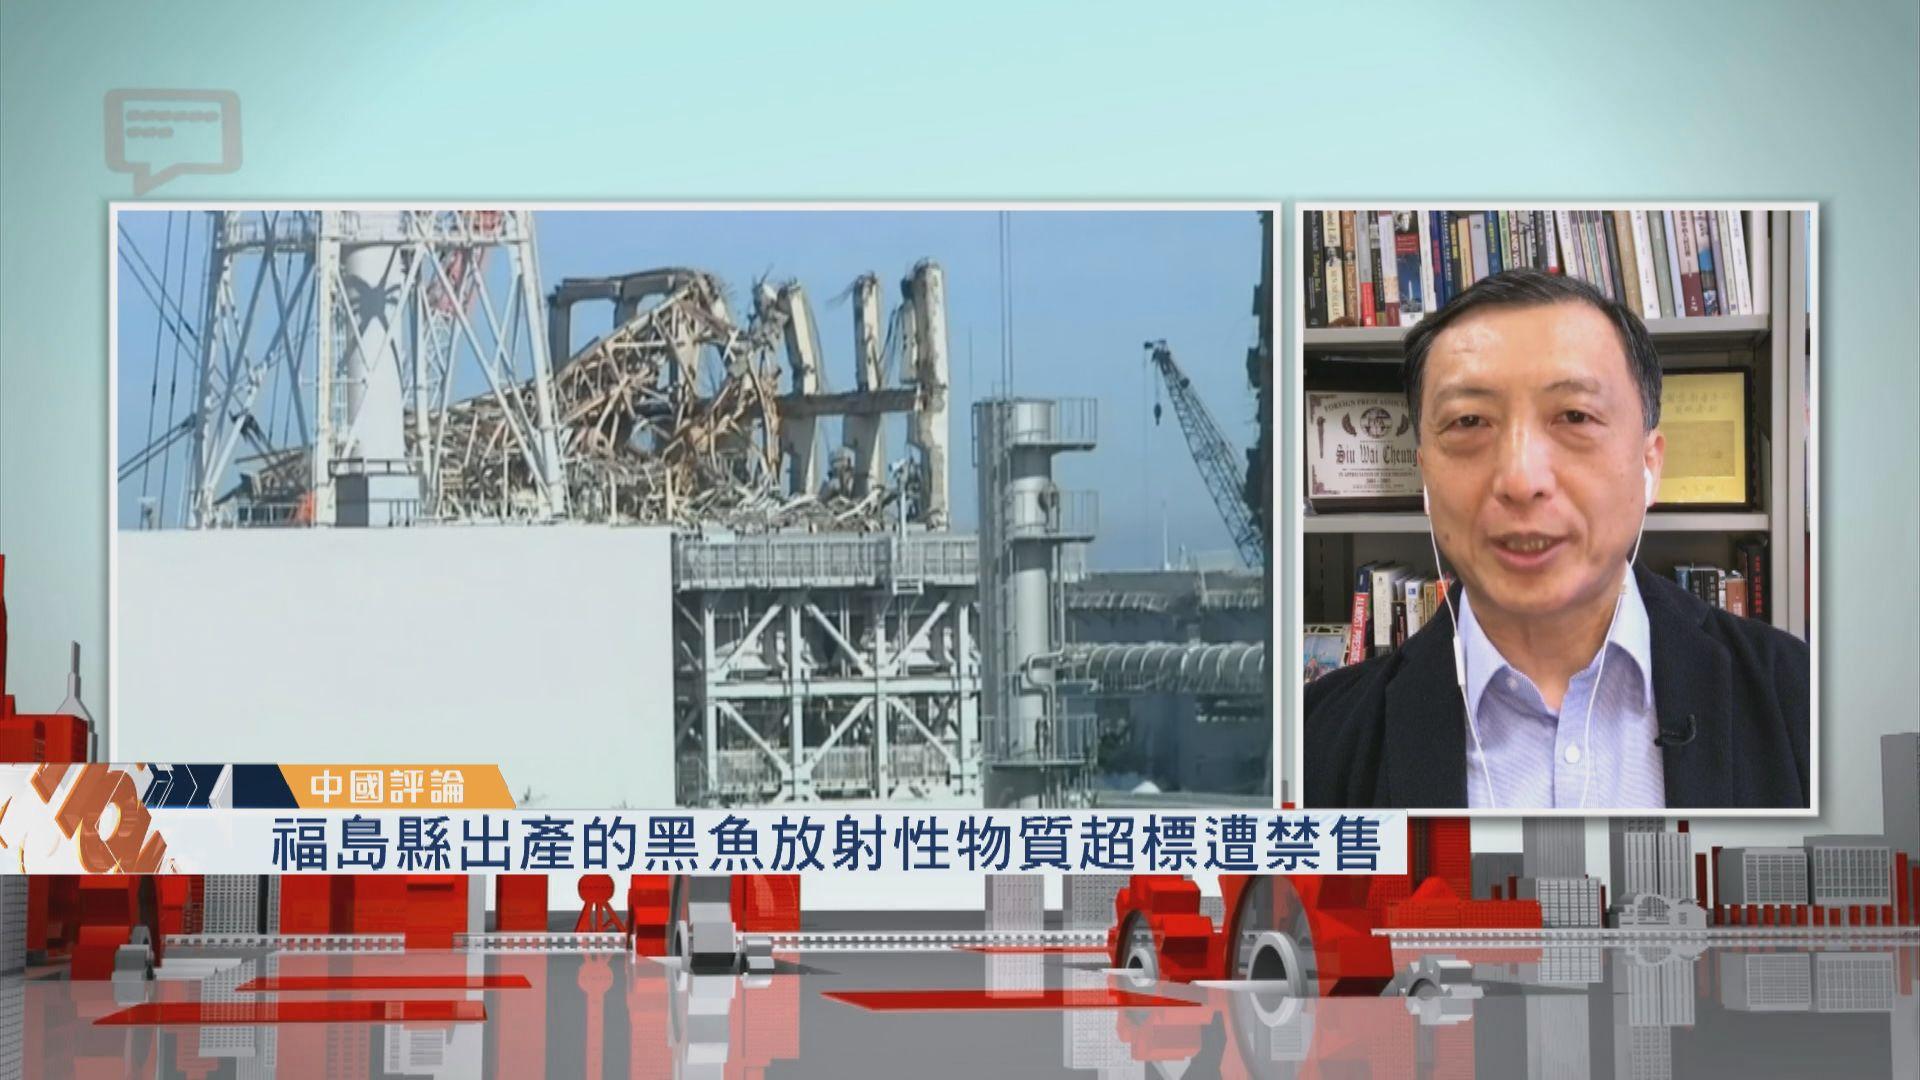 【中國評論】日本排放核廢水中國將有何行動?